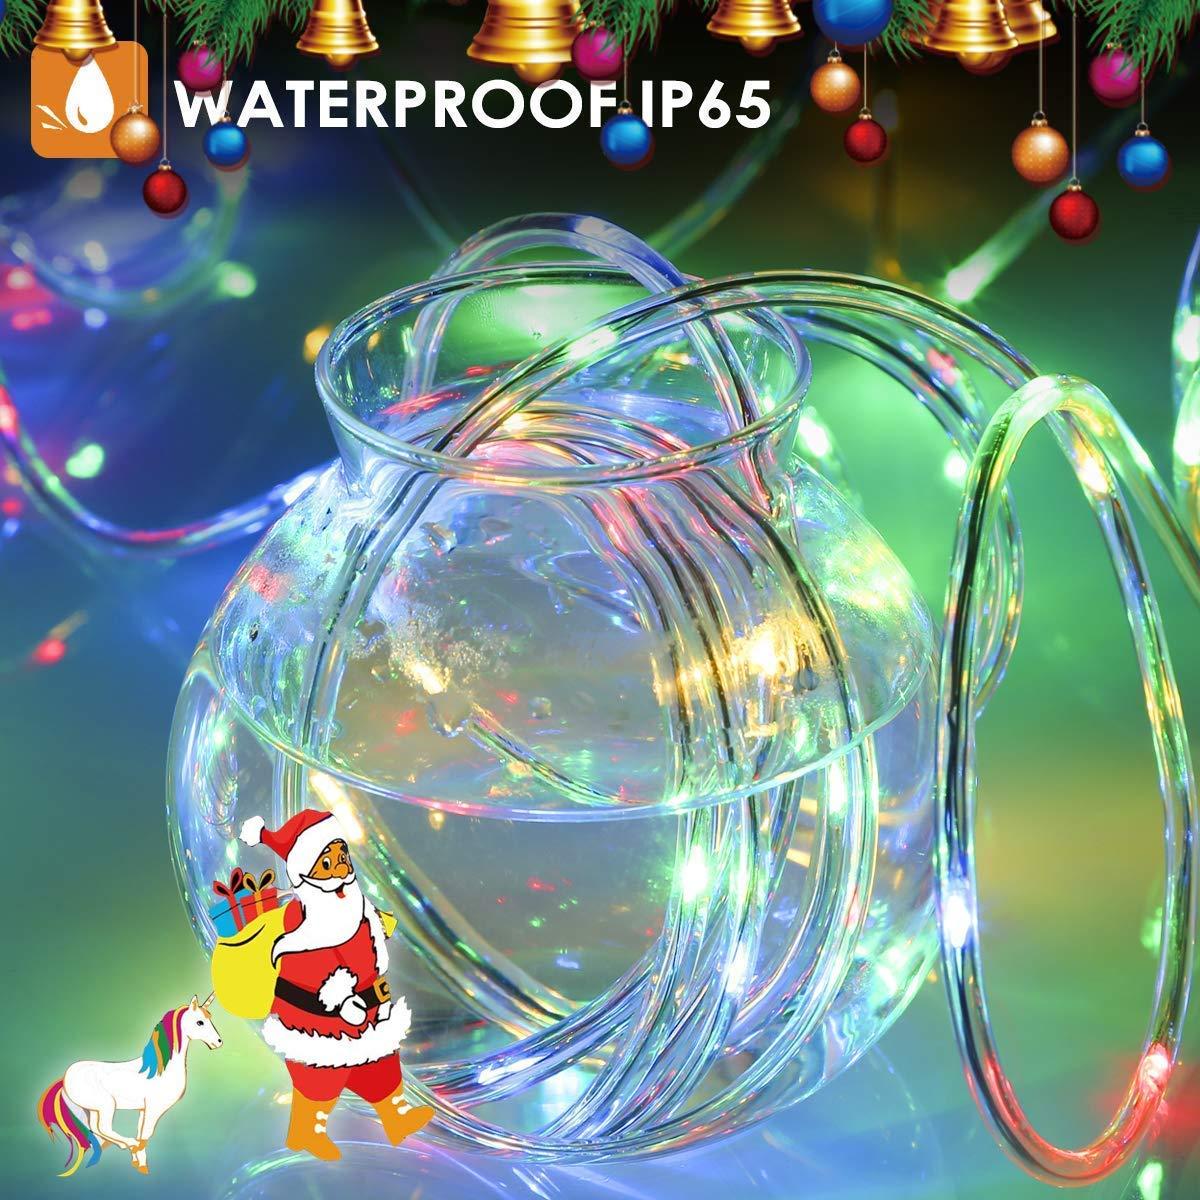 IP65 wasserdicht Separates Rohr, enth/ält keinen Stecker und Fernbedienung Lichterschlauch au/ßen B-right Led Lichtschlauch Lichterkette Lichtschl/äuche Weihnachtsbeleuchtung,Bunt Lichterkette au/ßen